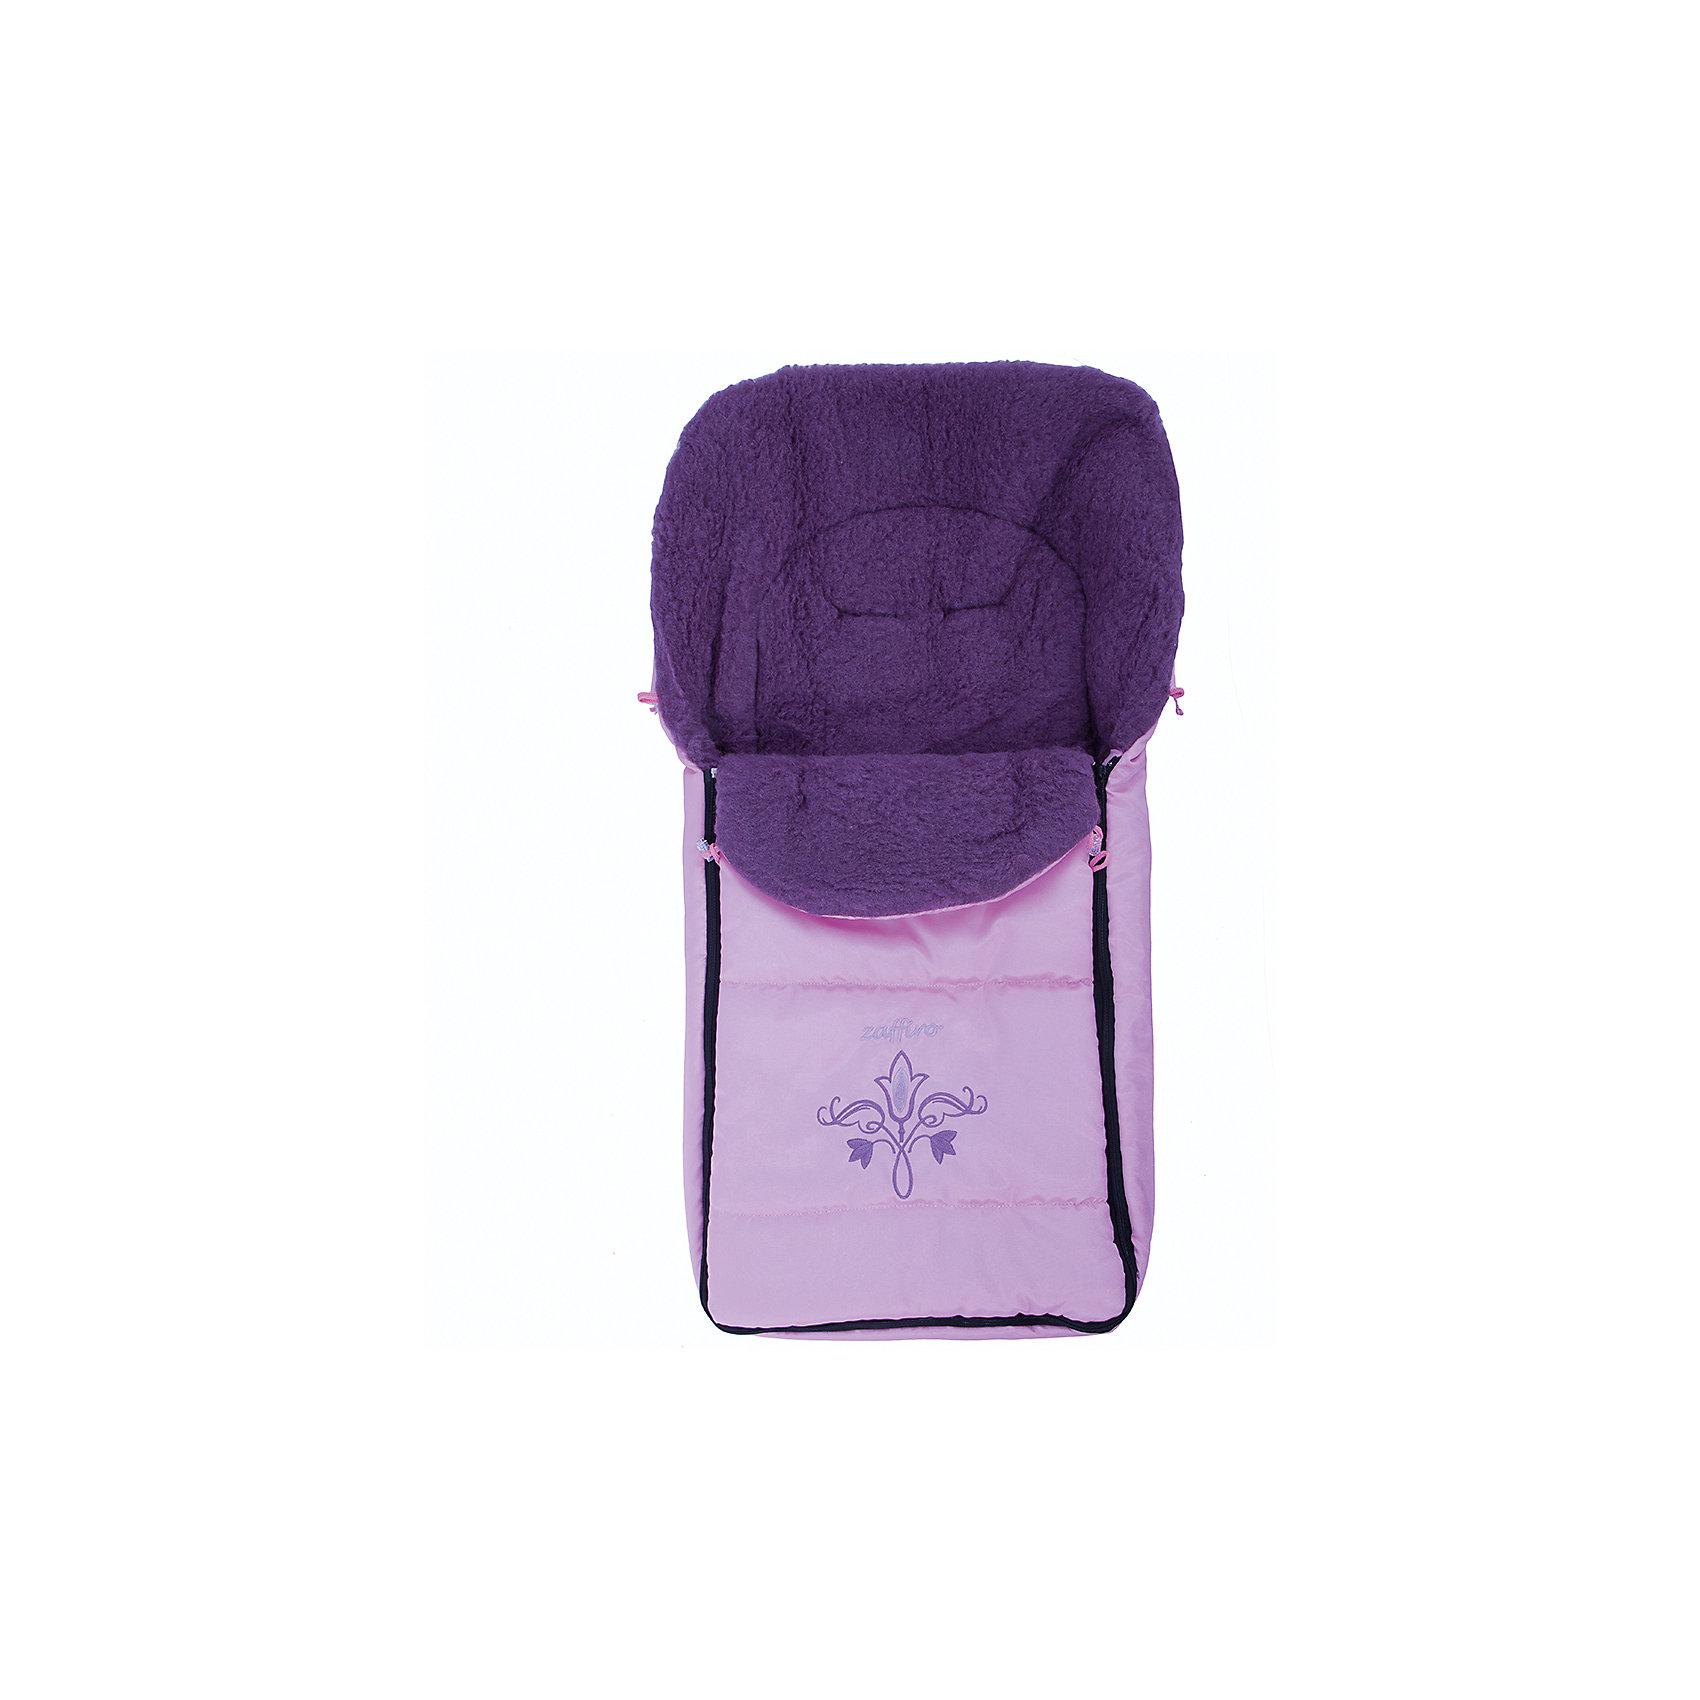 Конверт Exclusive, Womar, розовыйЗимние конверты<br>Конверт Exclusive, Womar - идеальный вариант для самых маленьких, он замечательно подойдет для прогулок в коляске в прохладную погоду и создаст ощущение тепла и уюта. Конверт выполнен в нежно-розовой расцветке и украшен забавной аппликацией. Для удобства чехол застегивается с двух сторон на молнию, капюшон оснащен шнурком для утяжки до нужного размера. Имеются прорези для ремней безопасности автокресла или коляски. Верхняя часть конверта полностью отстегивается и его можно использовать как мягкий детский матрасик или одеяло. Внешний слой выполнен из водонепроницаемой ткани с тефлоновой пропиткой. Утеплитель из овечьей шерсти хорошо сохраняет тепло даже в очень холодные зимние дни, обладает прекрасной терморегуляцией и поддерживает оптимальную для малыша температуру. Возможна стирка в ручном режиме при температуре 30 градусов (без отжима).<br><br>Дополнительная информация:<br><br>- Цвет: розовый.<br>- Сезон: круглогодичный.<br>- Материал: наружный слой - 100% полиэстер, внутренний наполнитель - полиэфирное волокно OVATA, утеплитель - овечья шерсть.<br>- Размер: 95 х 50 см.<br>- Вес: 0,5 кг.<br><br>Конверт Exclusive, Womar, розовый, можно купить в нашем интернет-магазине.<br><br>Ширина мм: 950<br>Глубина мм: 500<br>Высота мм: 100<br>Вес г: 500<br>Цвет: розовый<br>Возраст от месяцев: 0<br>Возраст до месяцев: 12<br>Пол: Женский<br>Возраст: Детский<br>SKU: 4346552